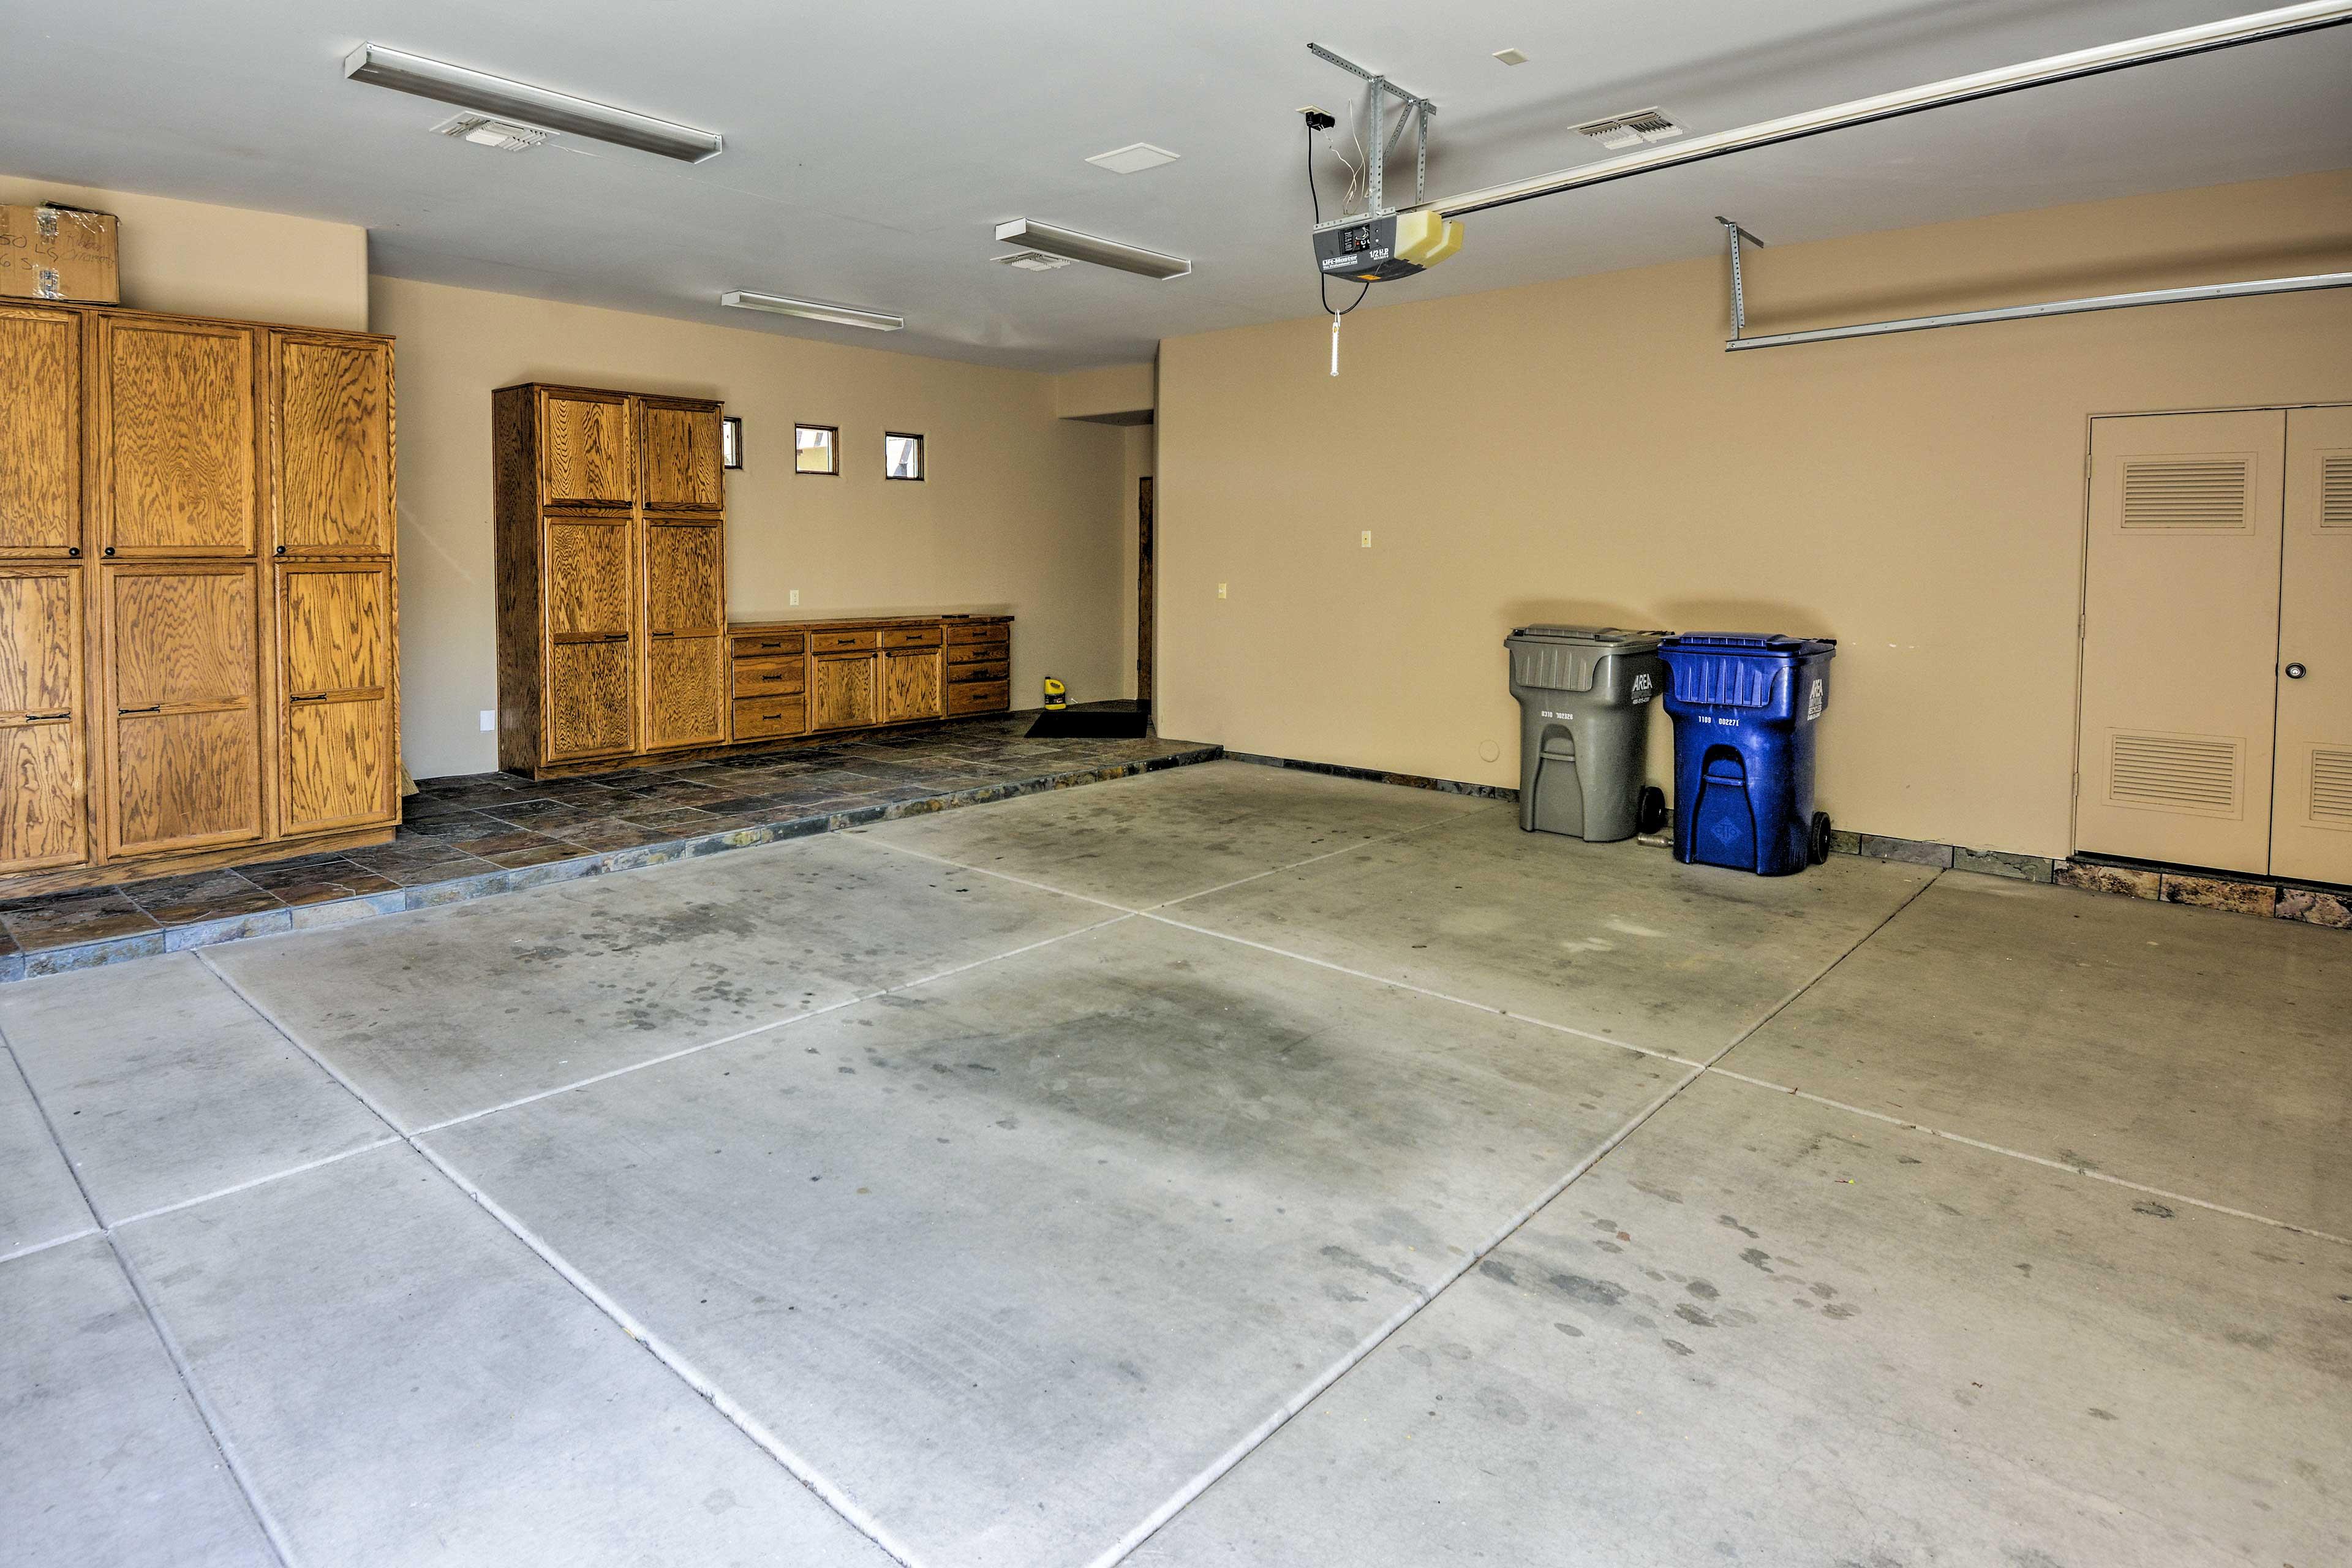 Parking   Garage (3 Vehicles)   RV/Trailer Parking Allowed On-Site